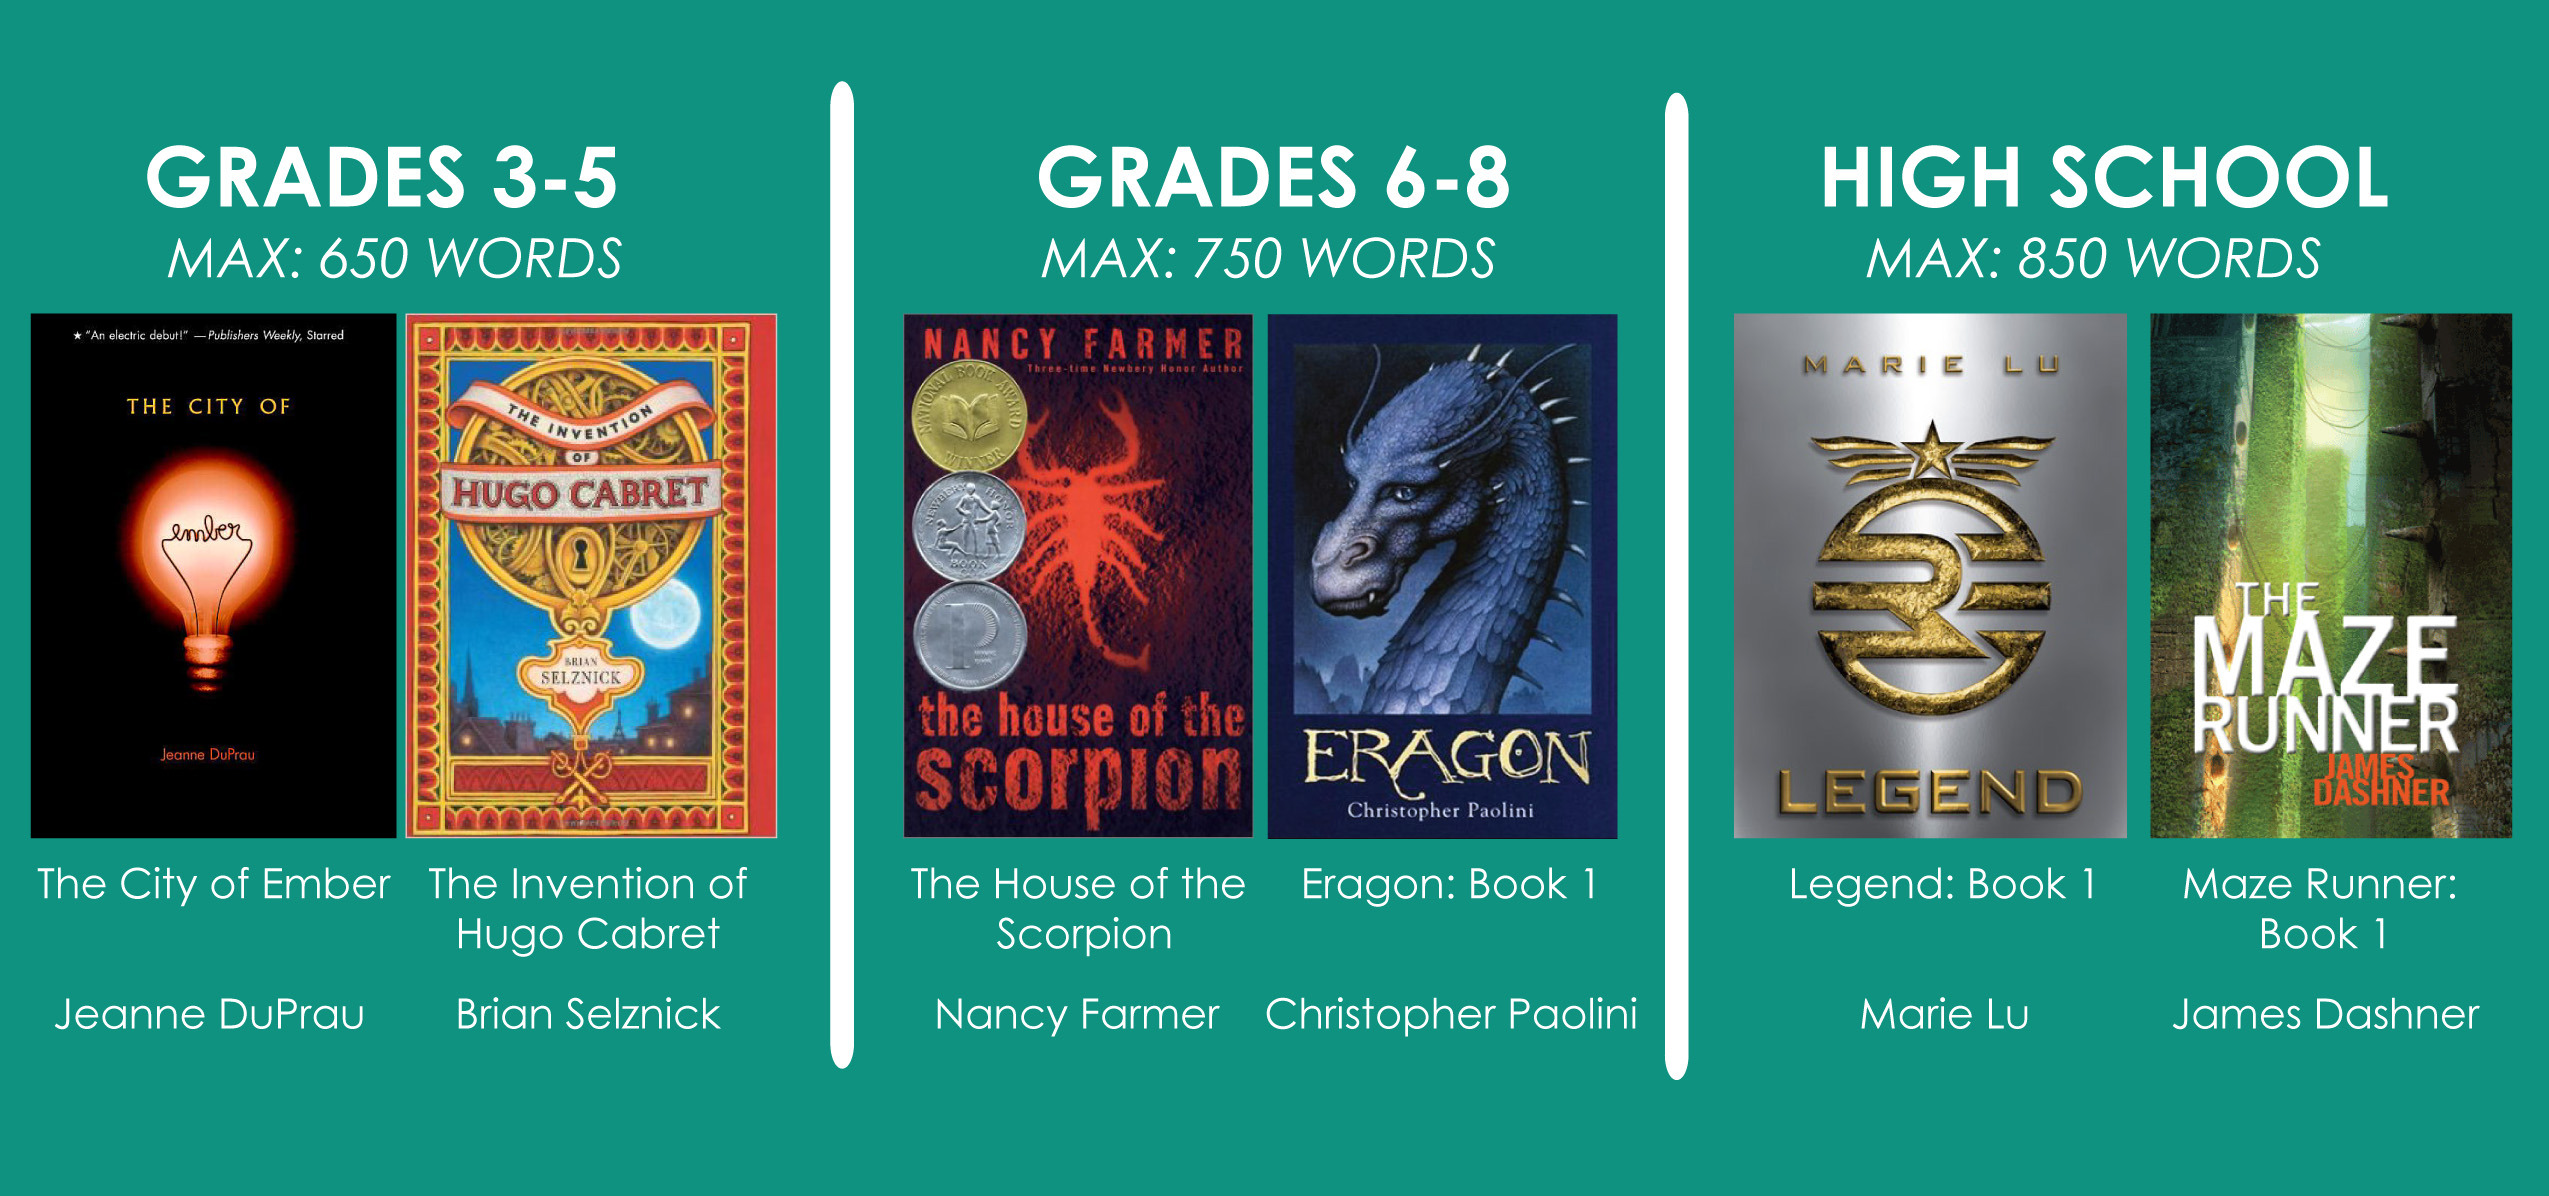 8e00891153d739288eba_Book_Choices_Winter2014.jpg